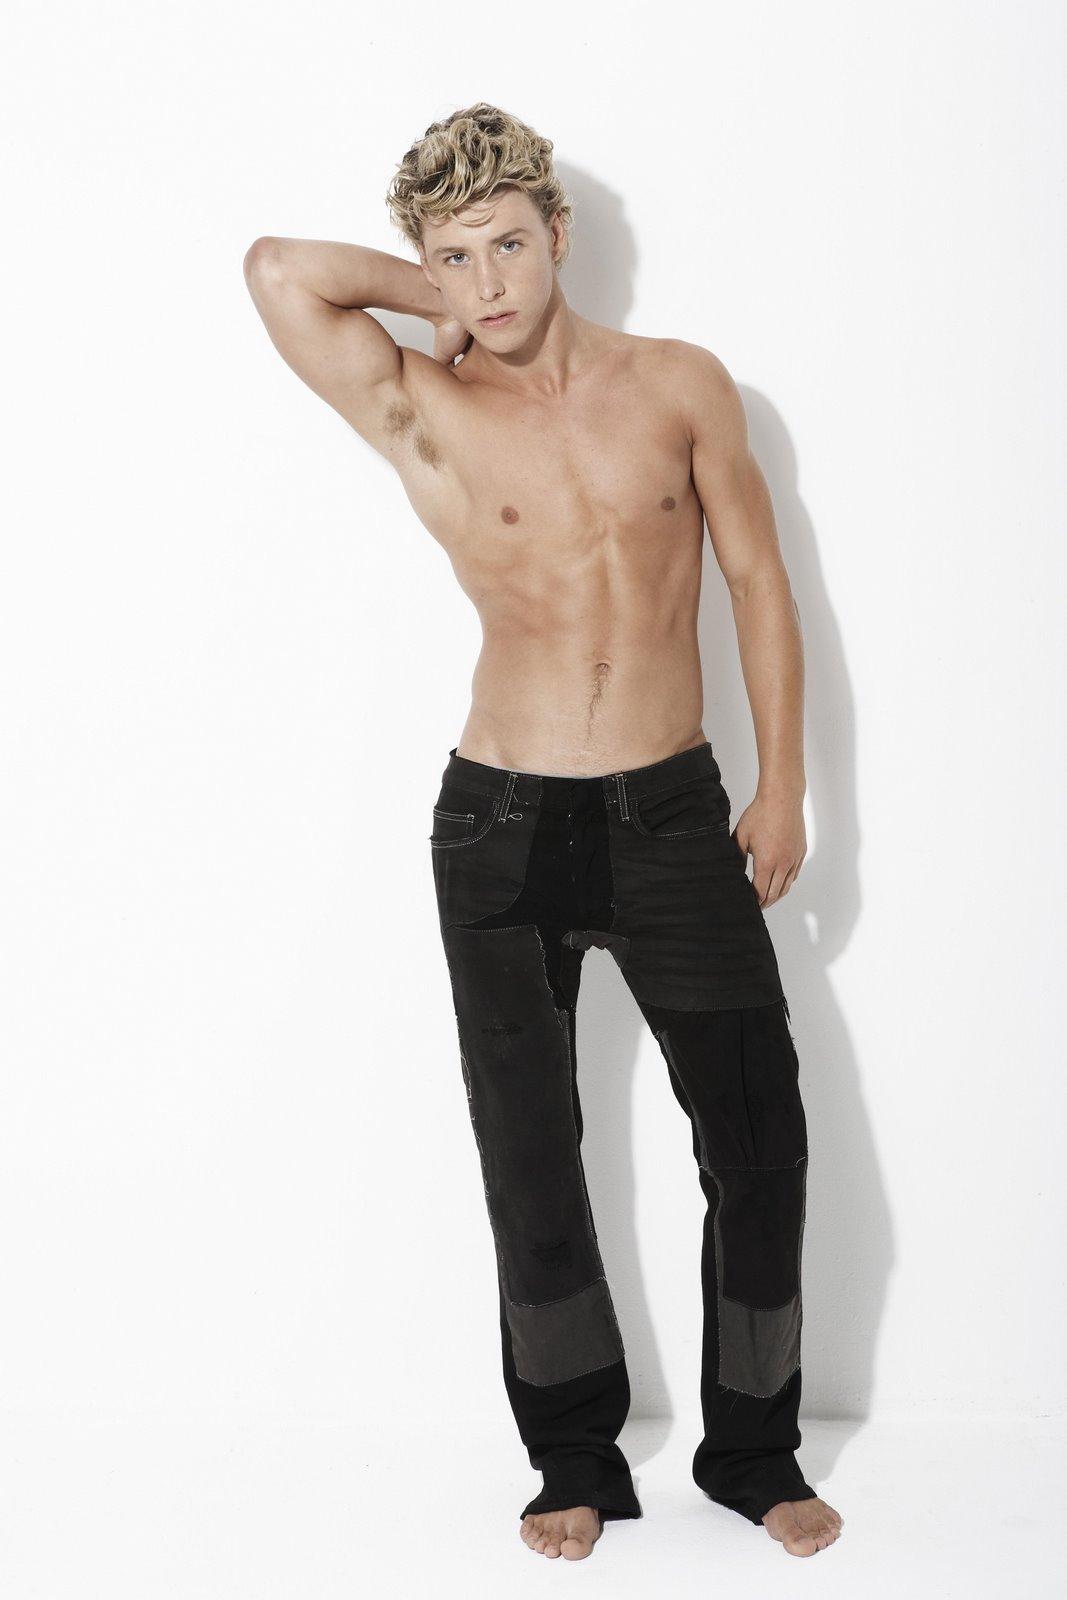 http://1.bp.blogspot.com/_x5J5IT8wOIQ/TERi_l6U-vI/AAAAAAAADVk/cl0viwVwu5U/s1600/painandperfection-Mitch+Hewer+%285%29.jpg